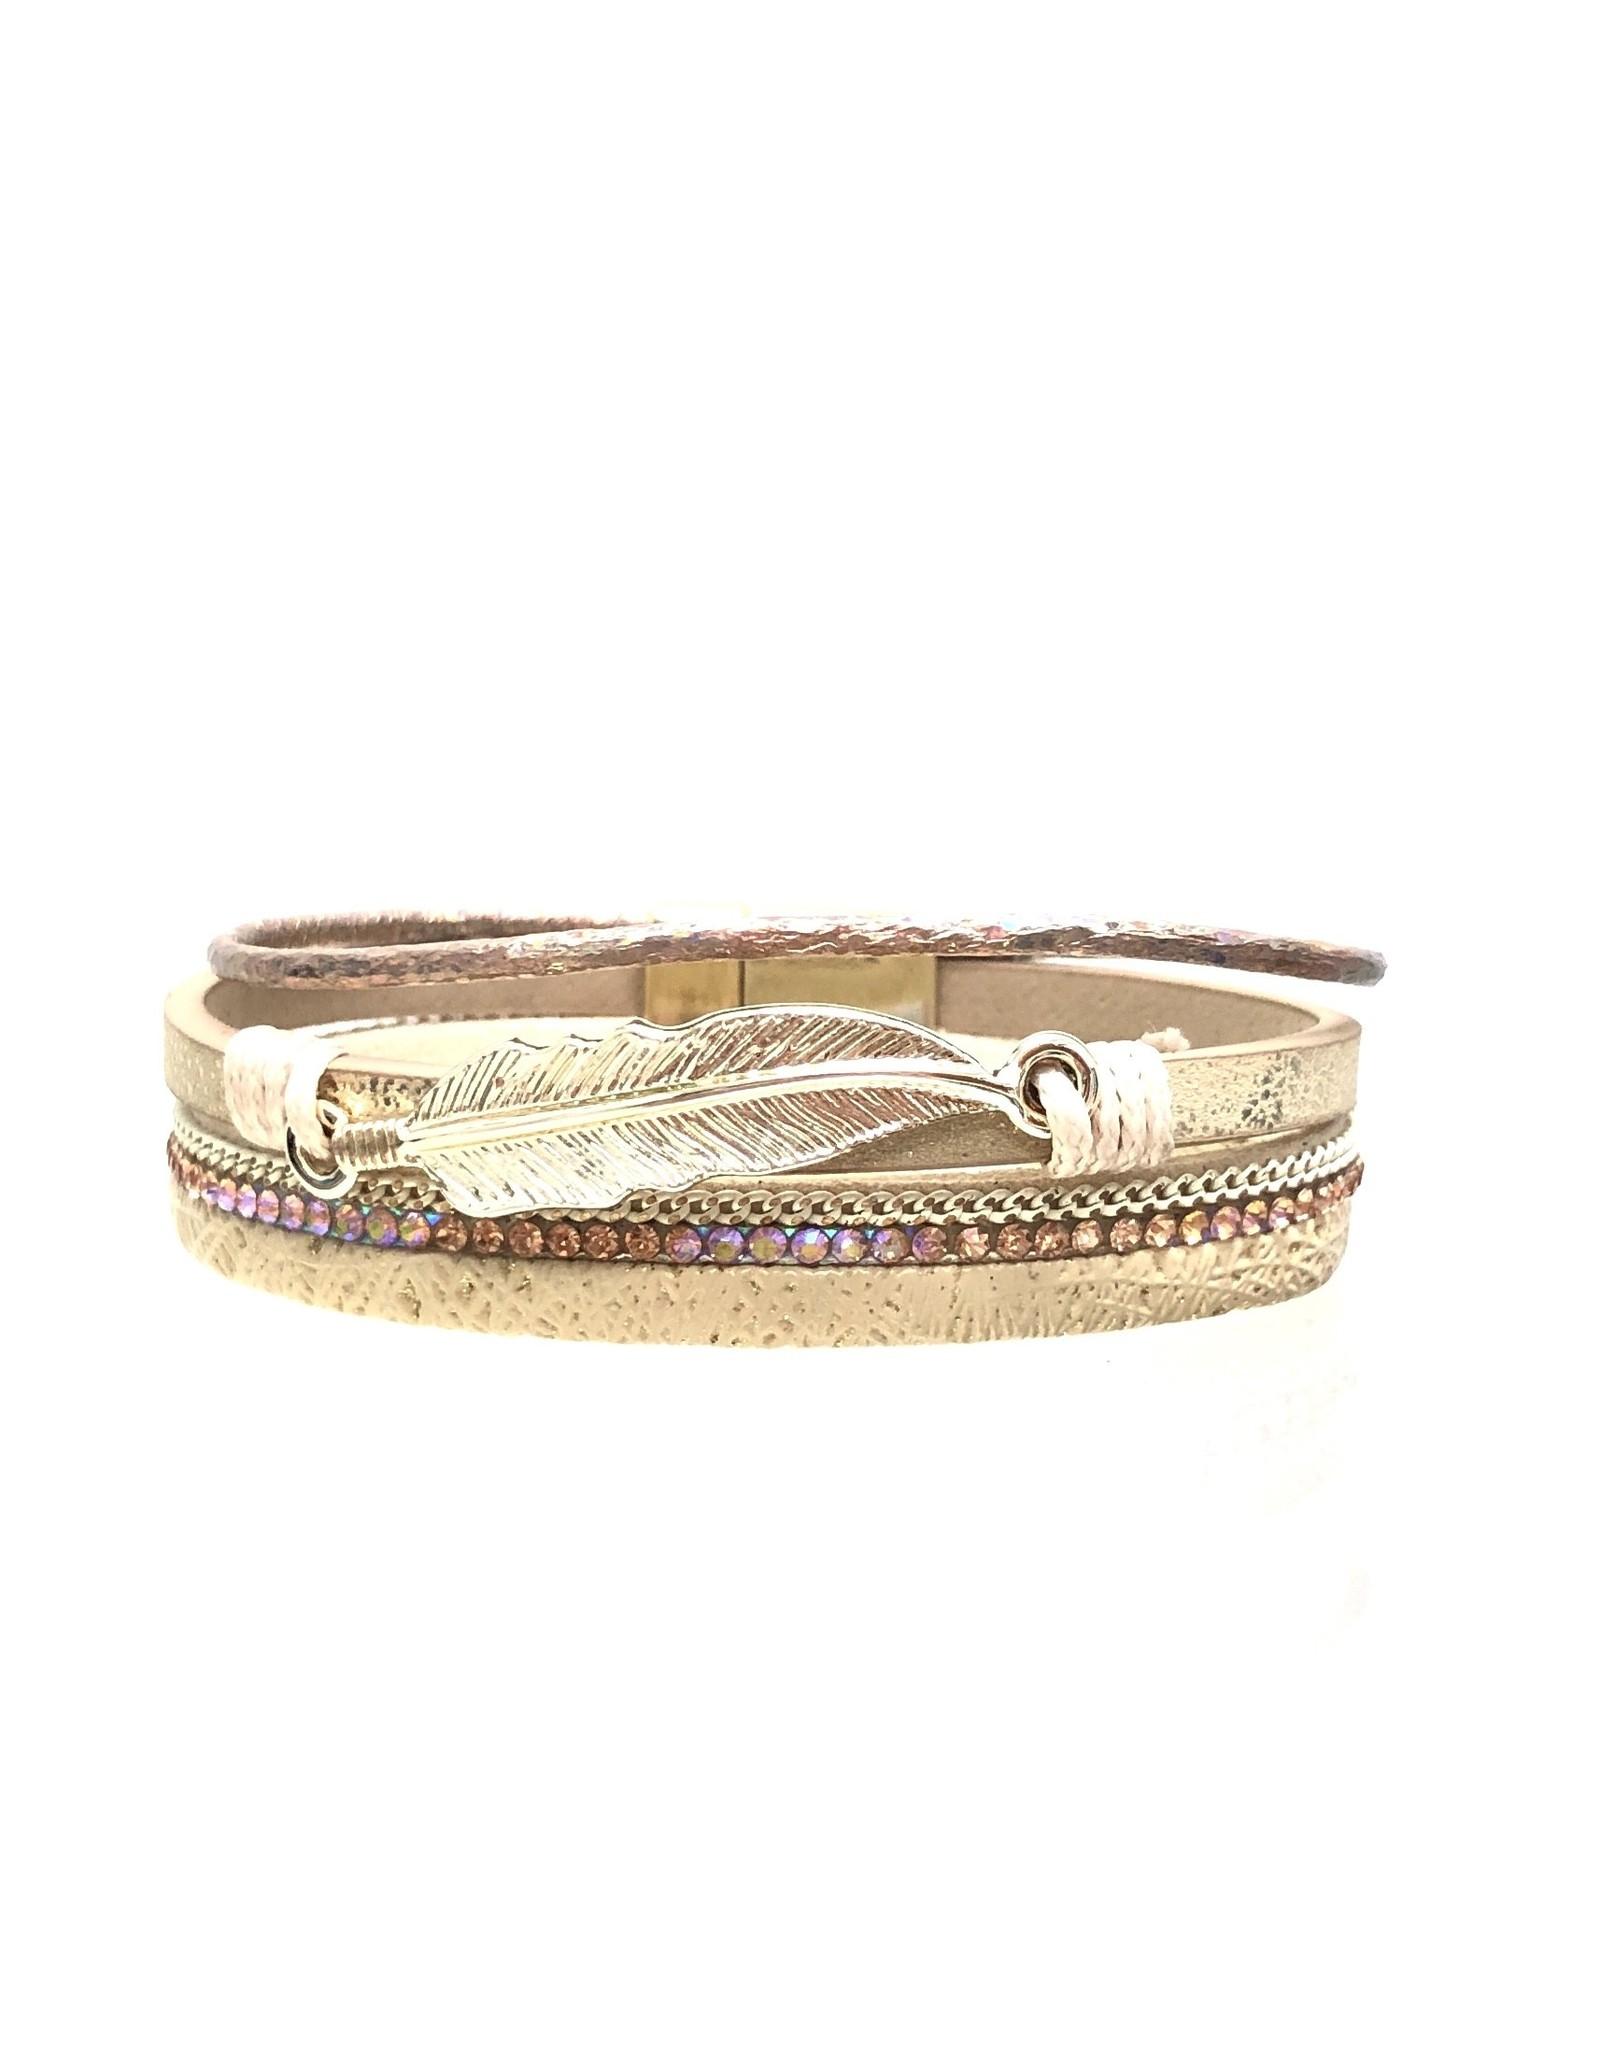 Sunrise USA Trading Gold Feather & Crystal Bracelet